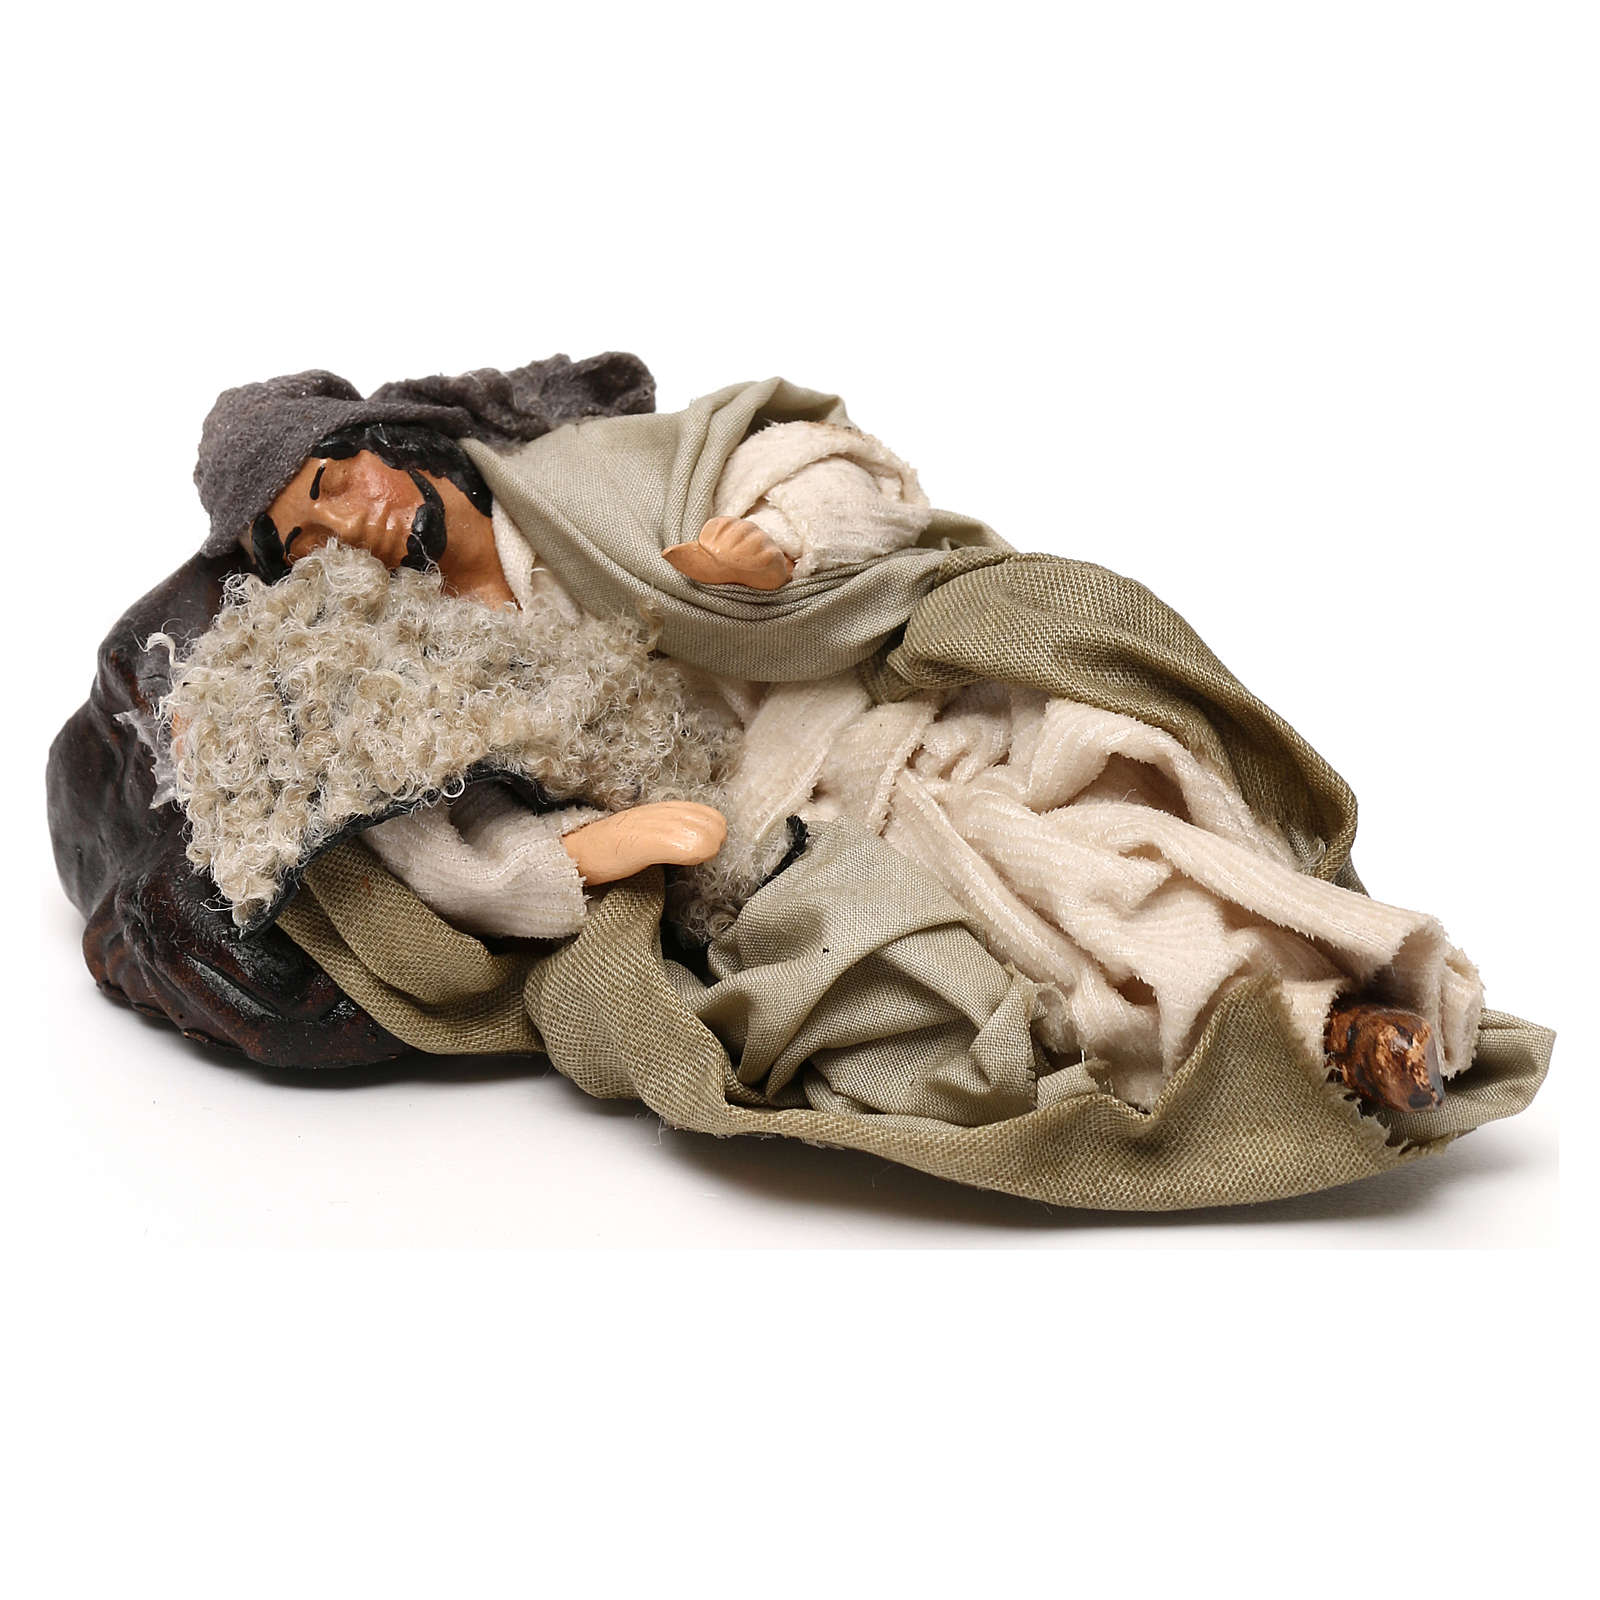 Neapolitan Nativity scene, Benino the sleeping shepherd 12 cm 4